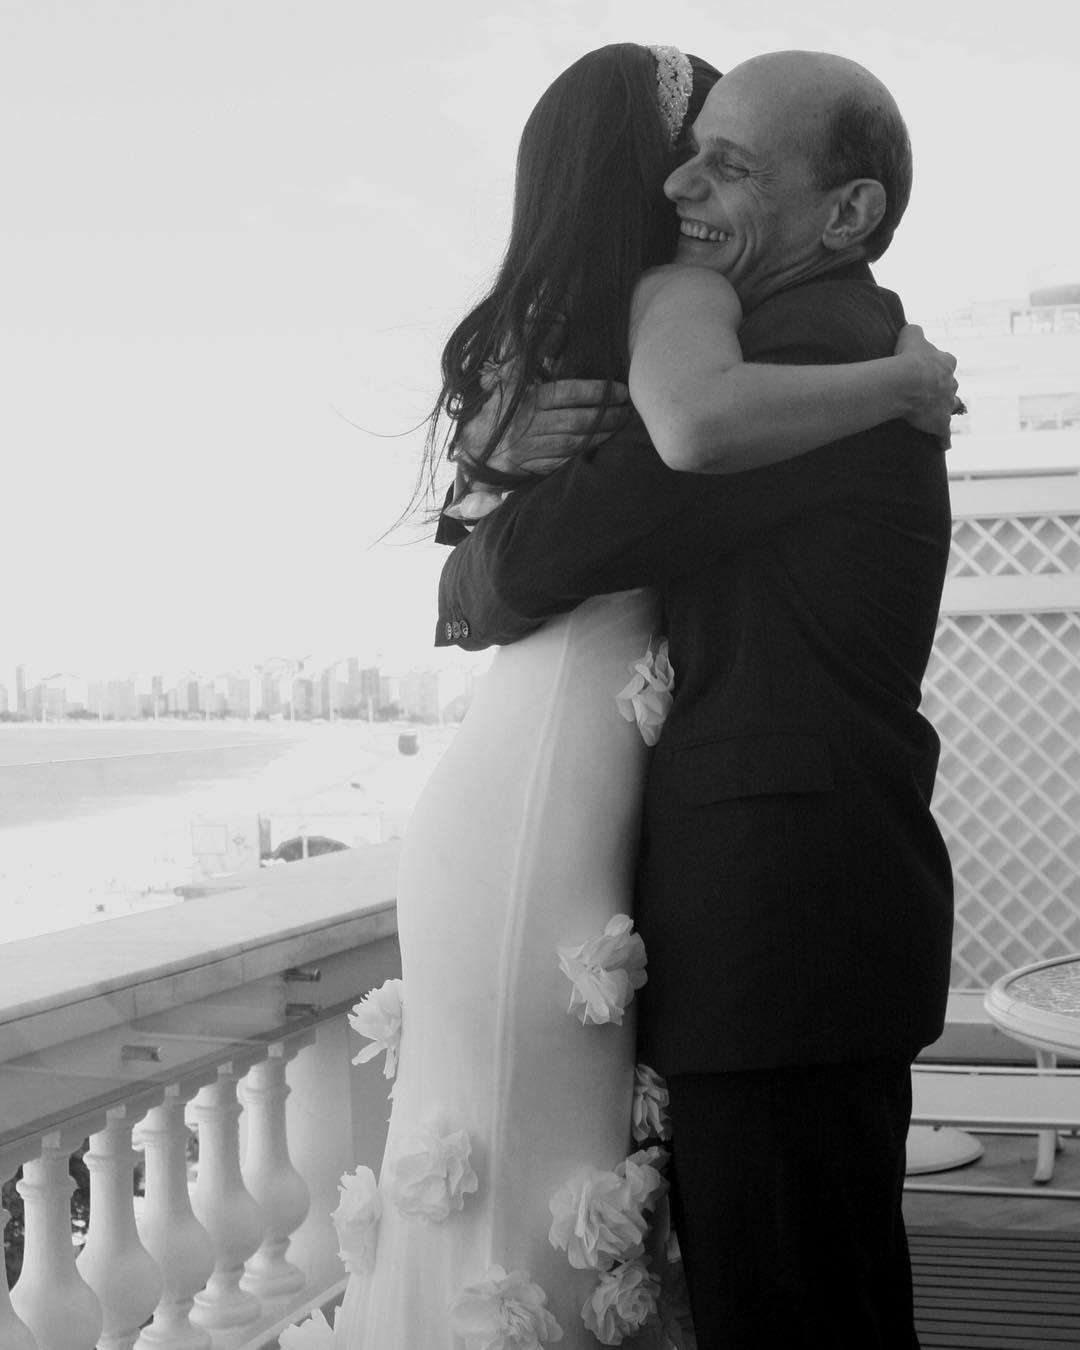 ricardo boechat e esposa - 'PIOR DIA DA MINHA VIDA': Esposa de Ricardo Boechat publica foto em homenagem ao jornalista